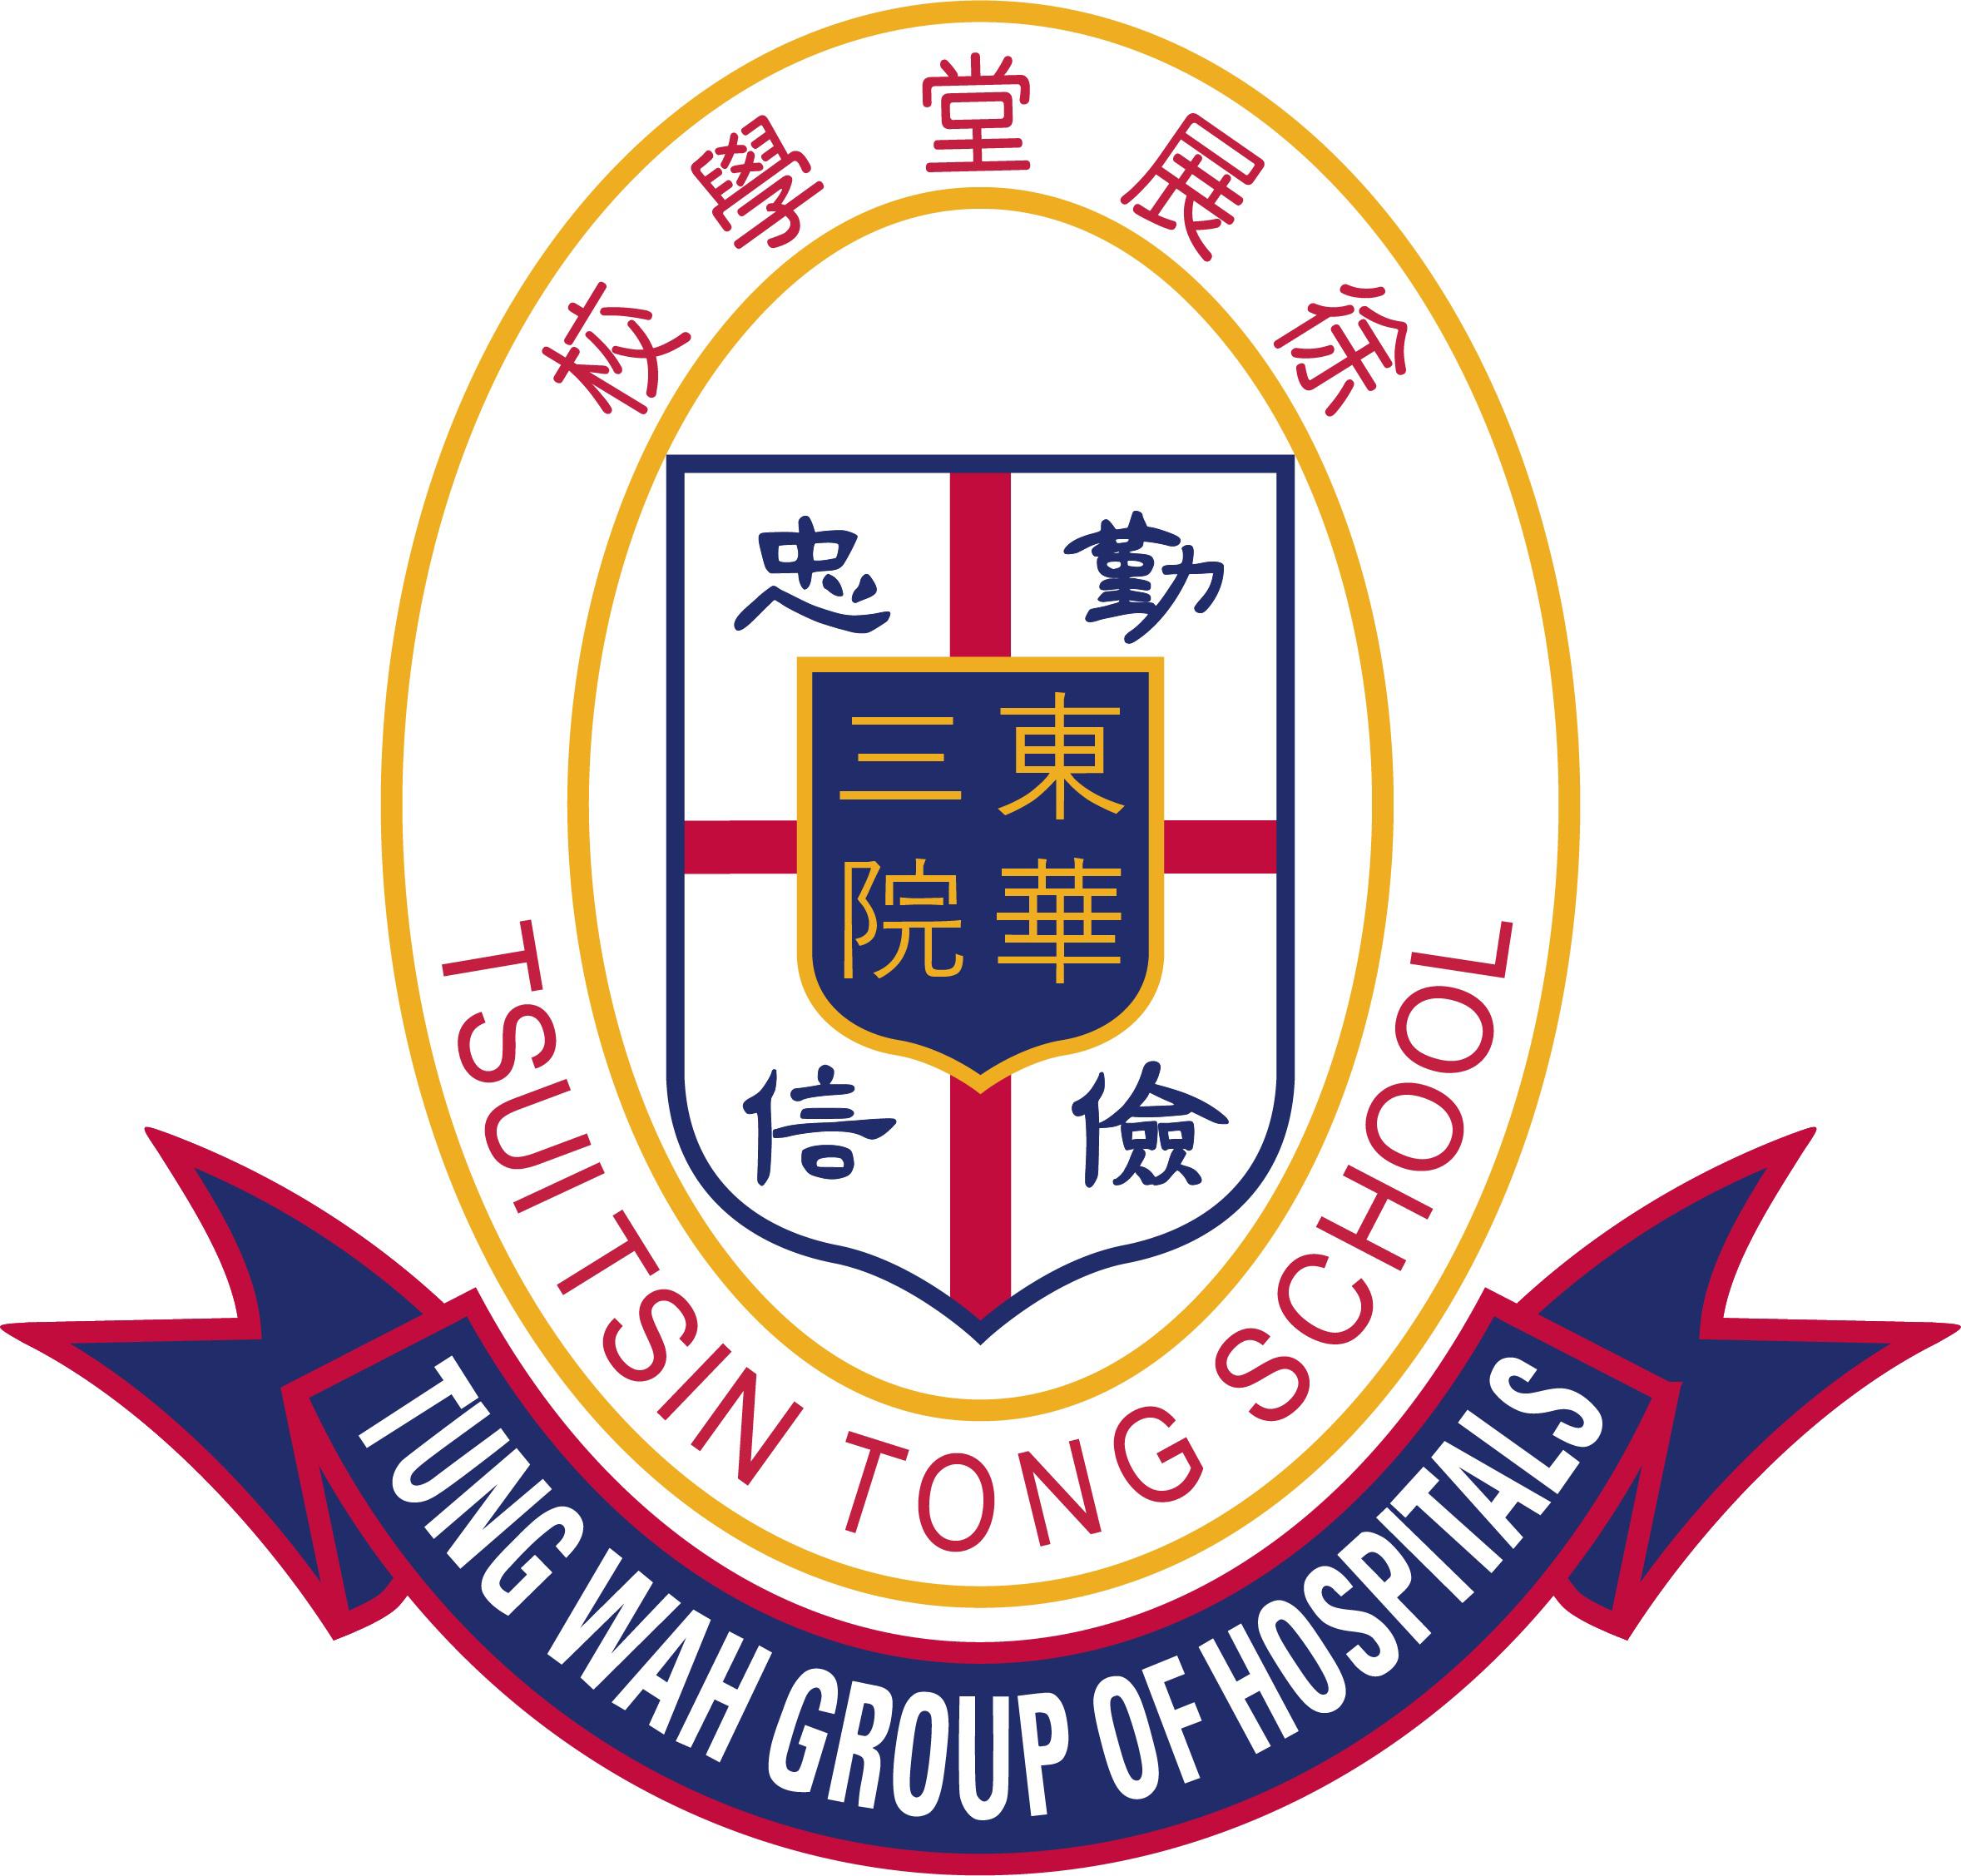 東華三院徐展堂學校的校徽